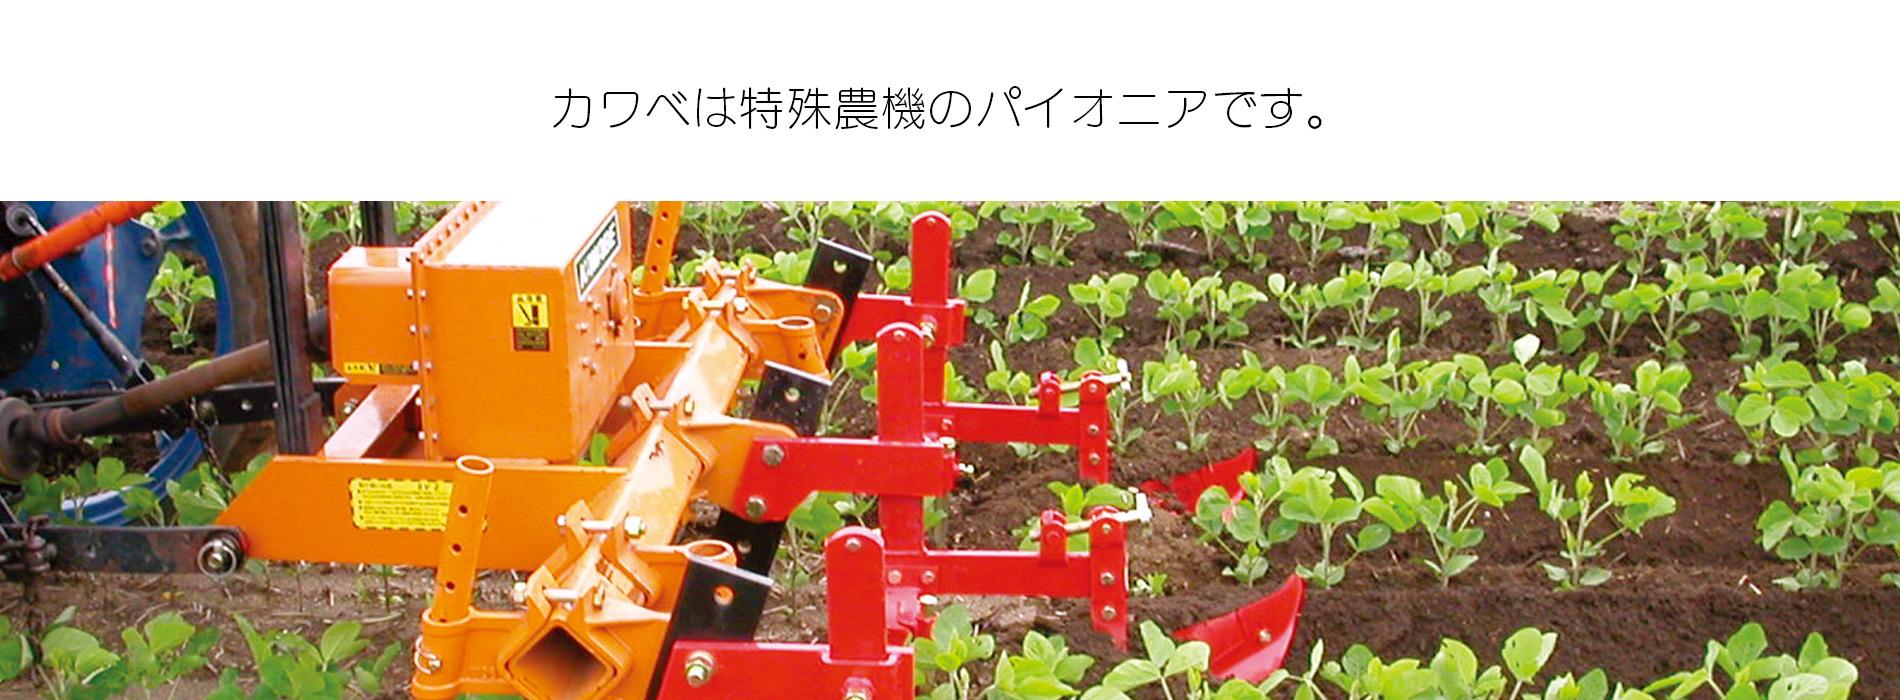 日本語スライド